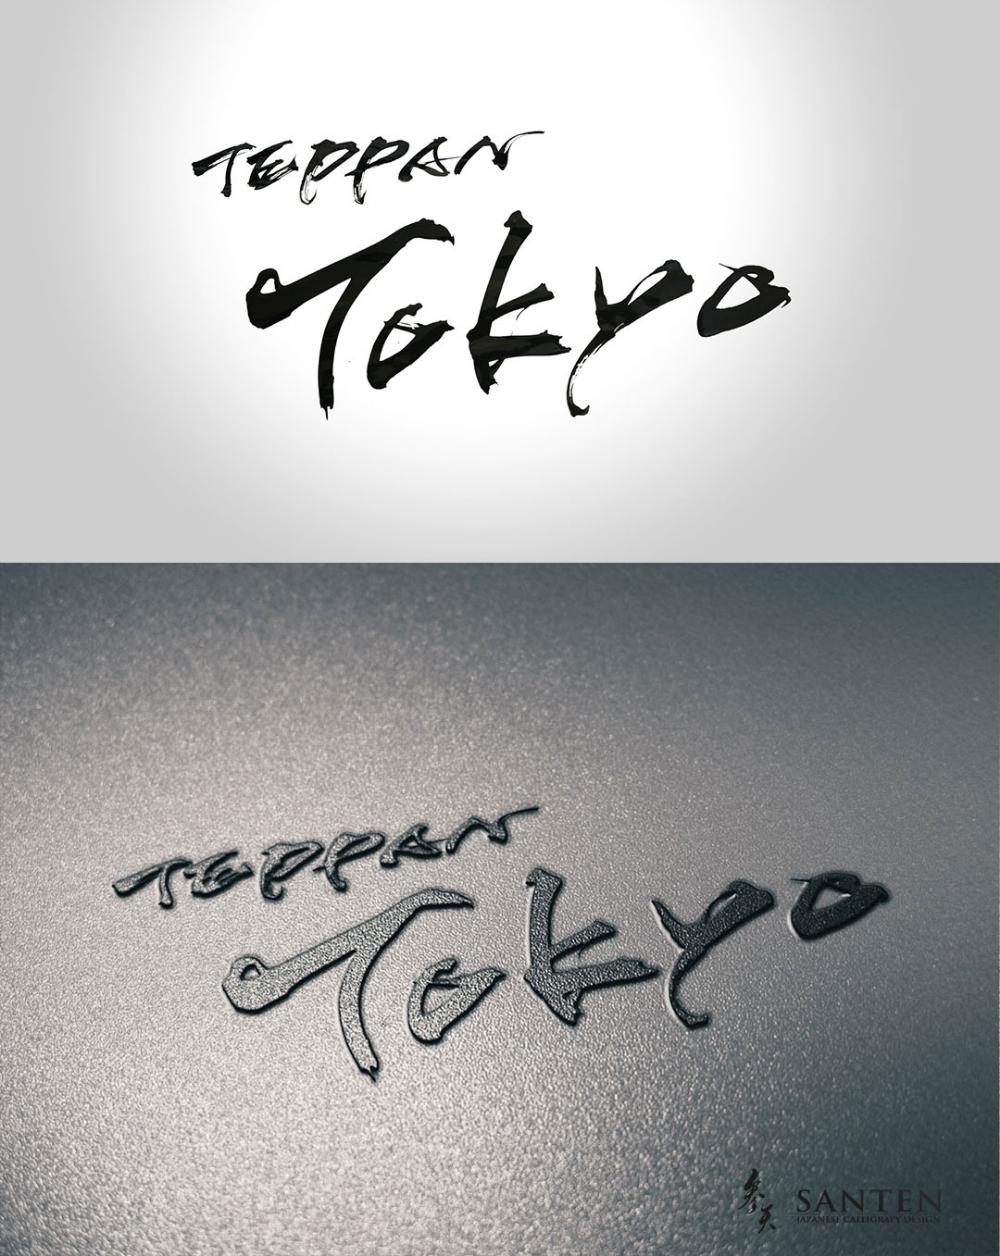 かっこいい筆文字ロゴ 看板デザイン制作依頼 1 4 Santen Design 筆文字 デザイン ロゴデザイン